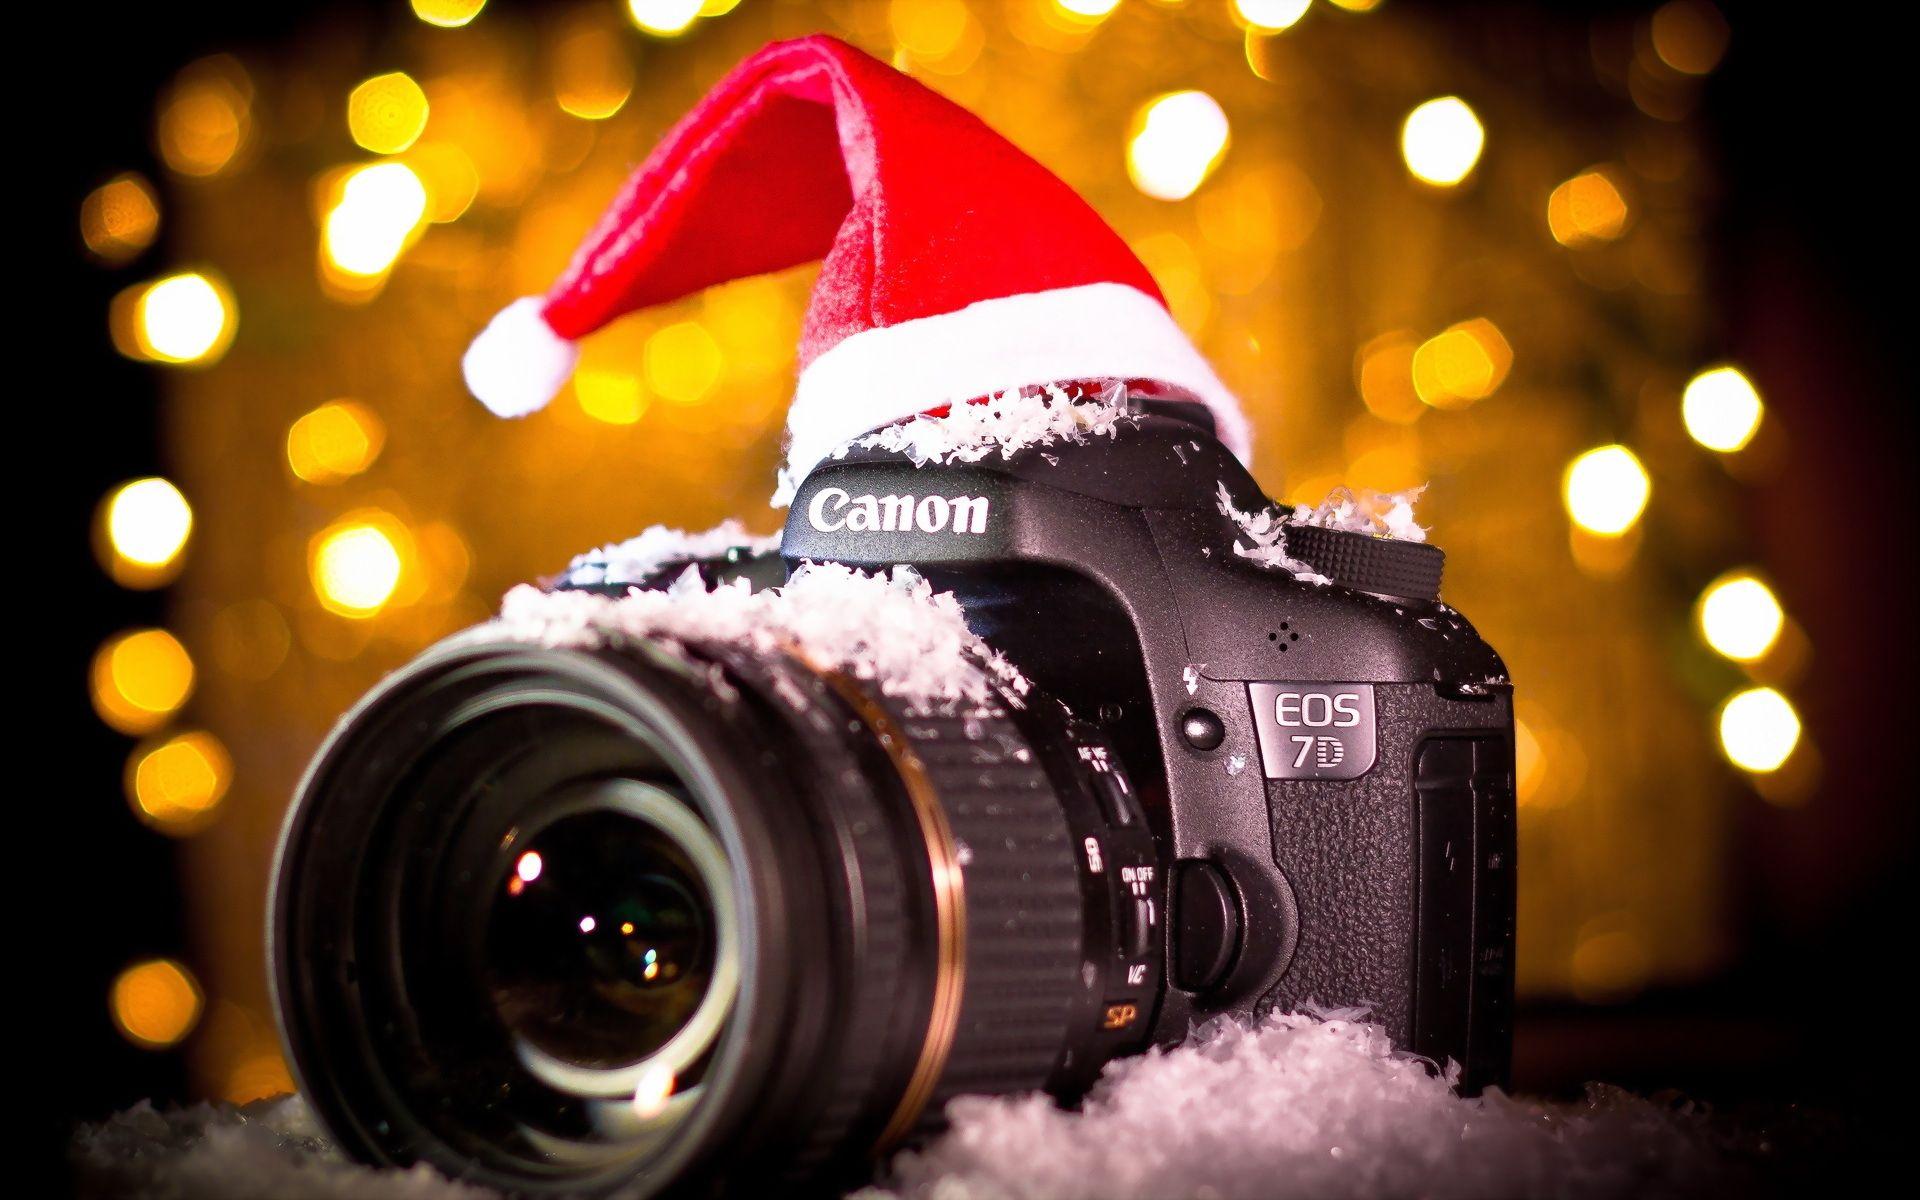 Accessori fotografici sotto ai 50€ da fare a Natale